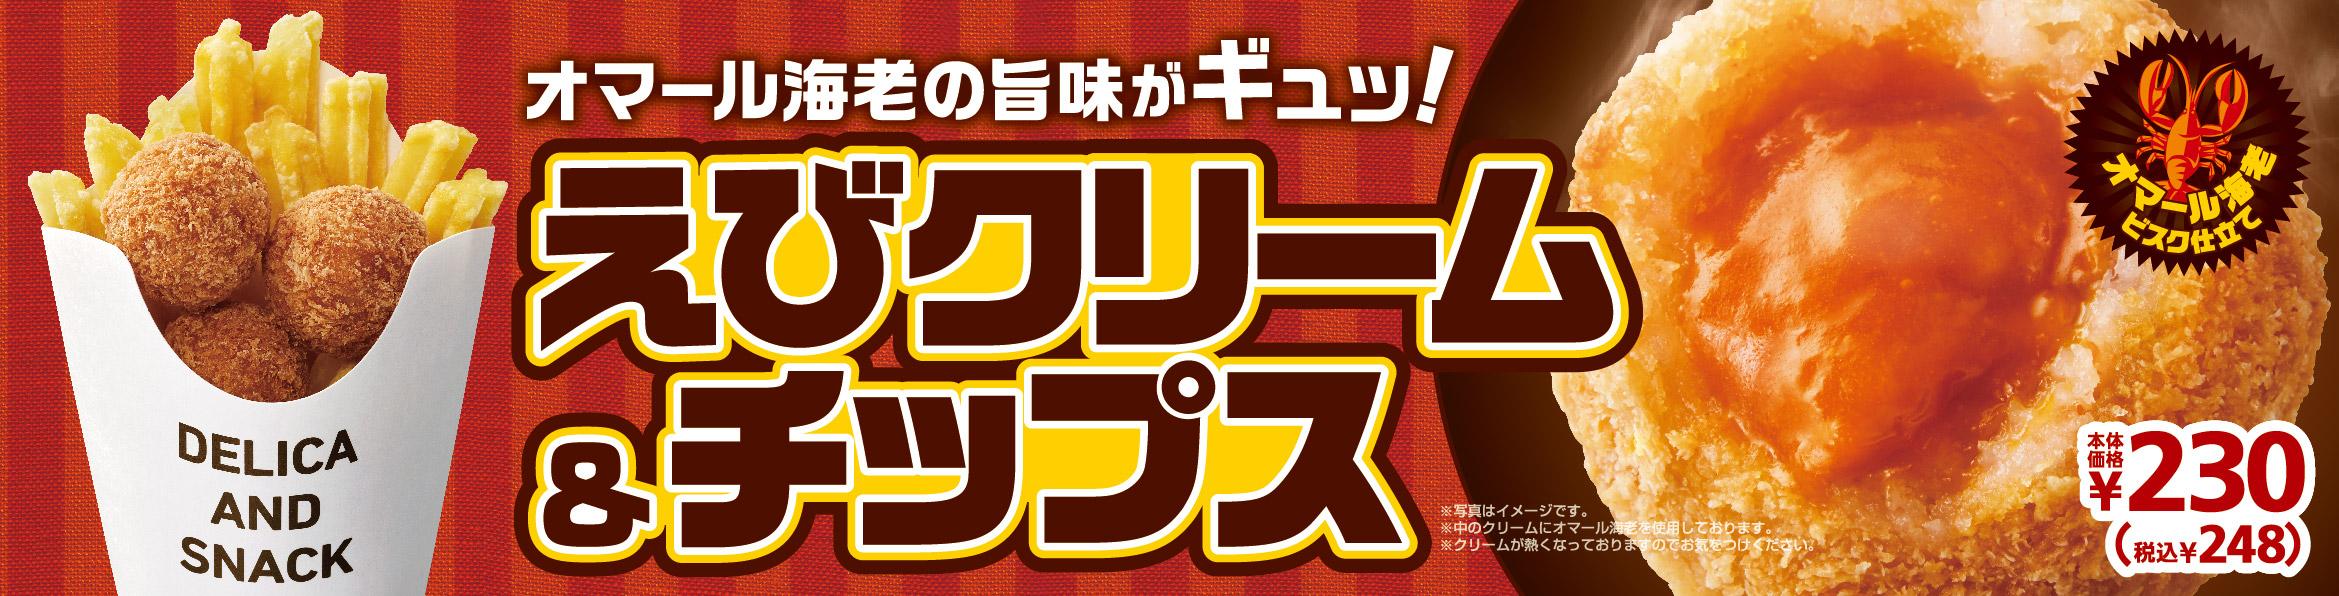 オマール海老の旨味がギュッ! 「えびクリーム&チップス」1/29(金)発売 画像